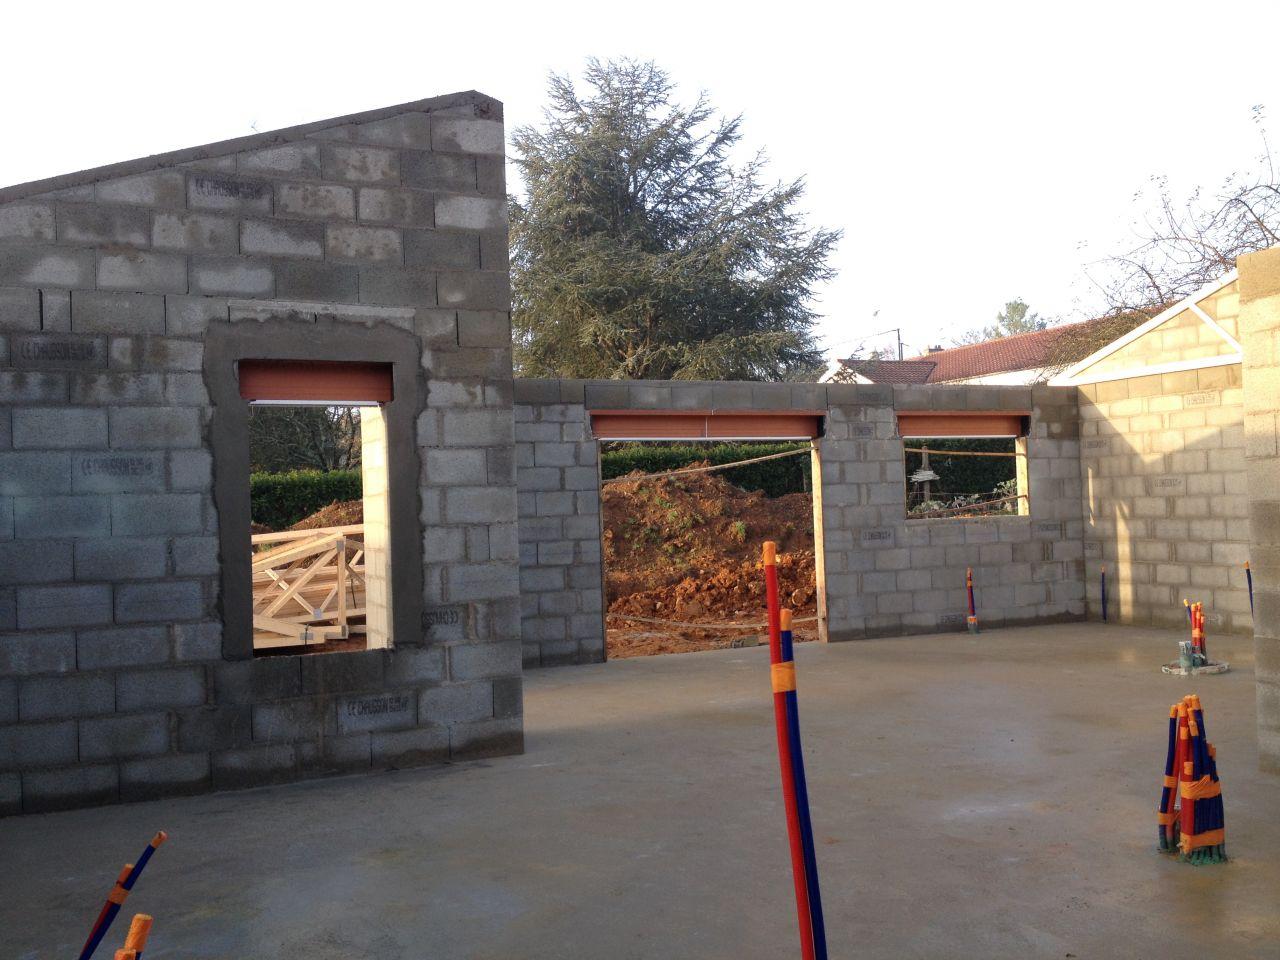 de gauche à droite: fenêtre ch1, baie 270 et fenêtre cuisine 180